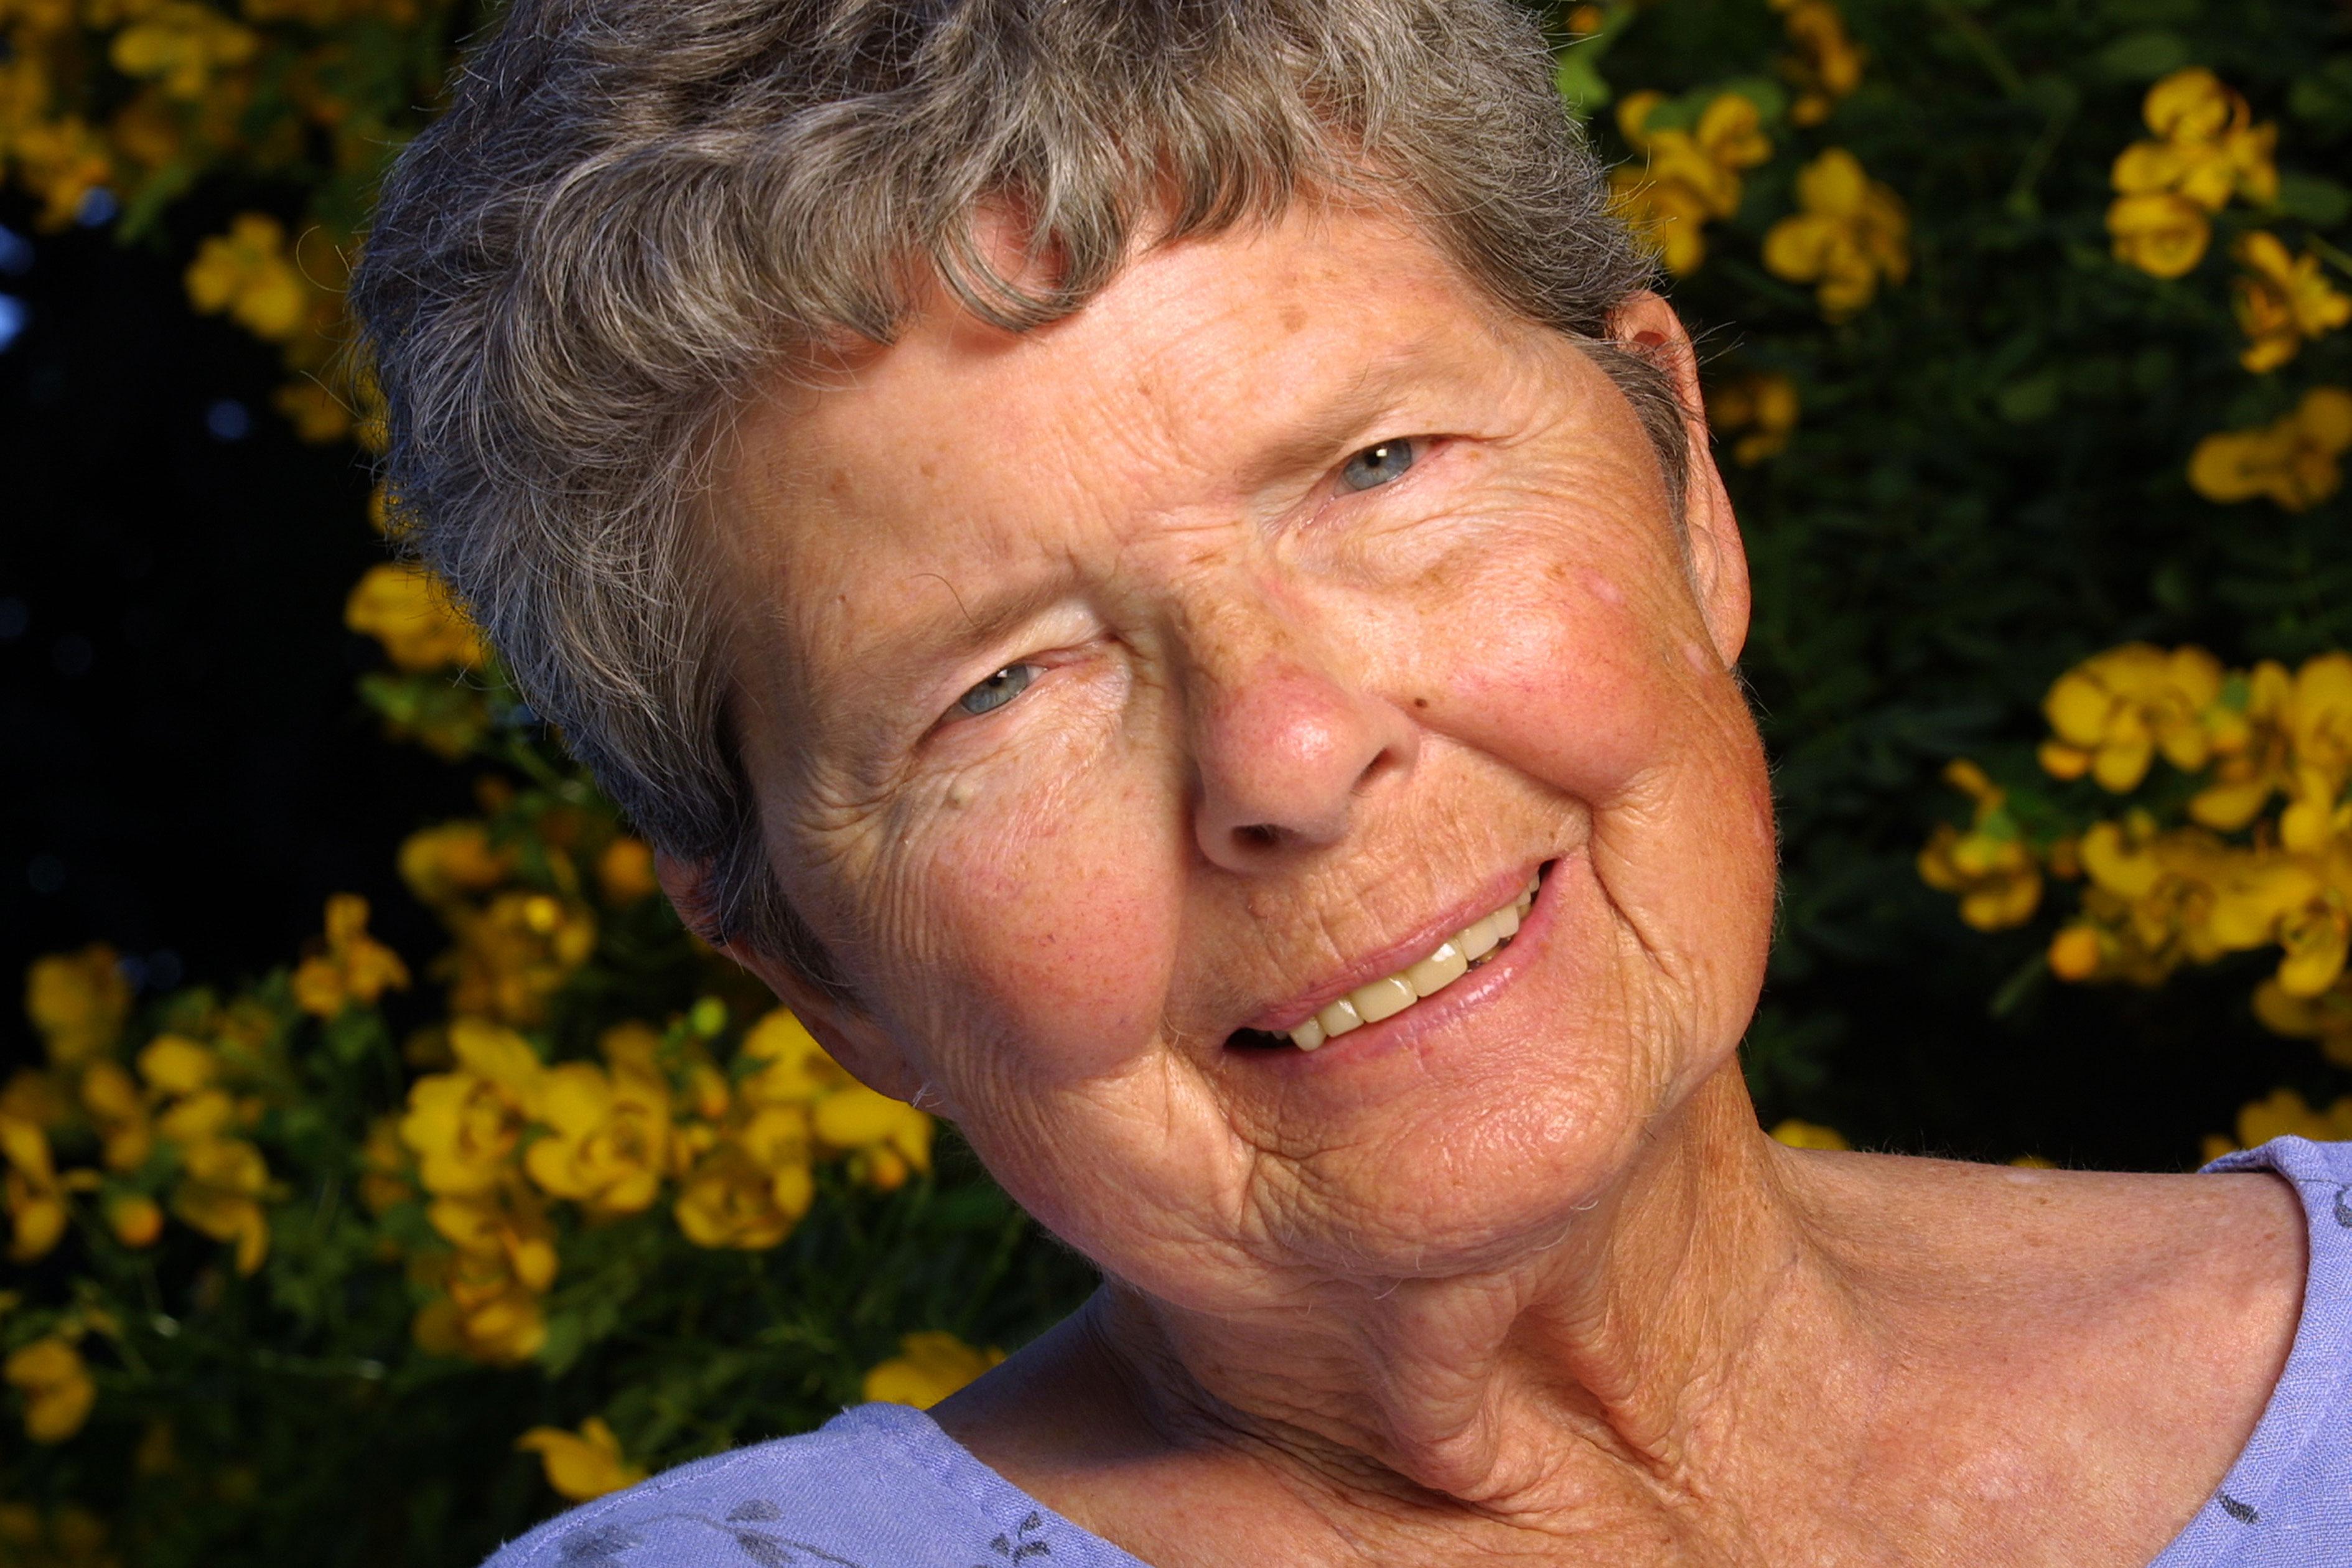 Doris-Dana03.jpg